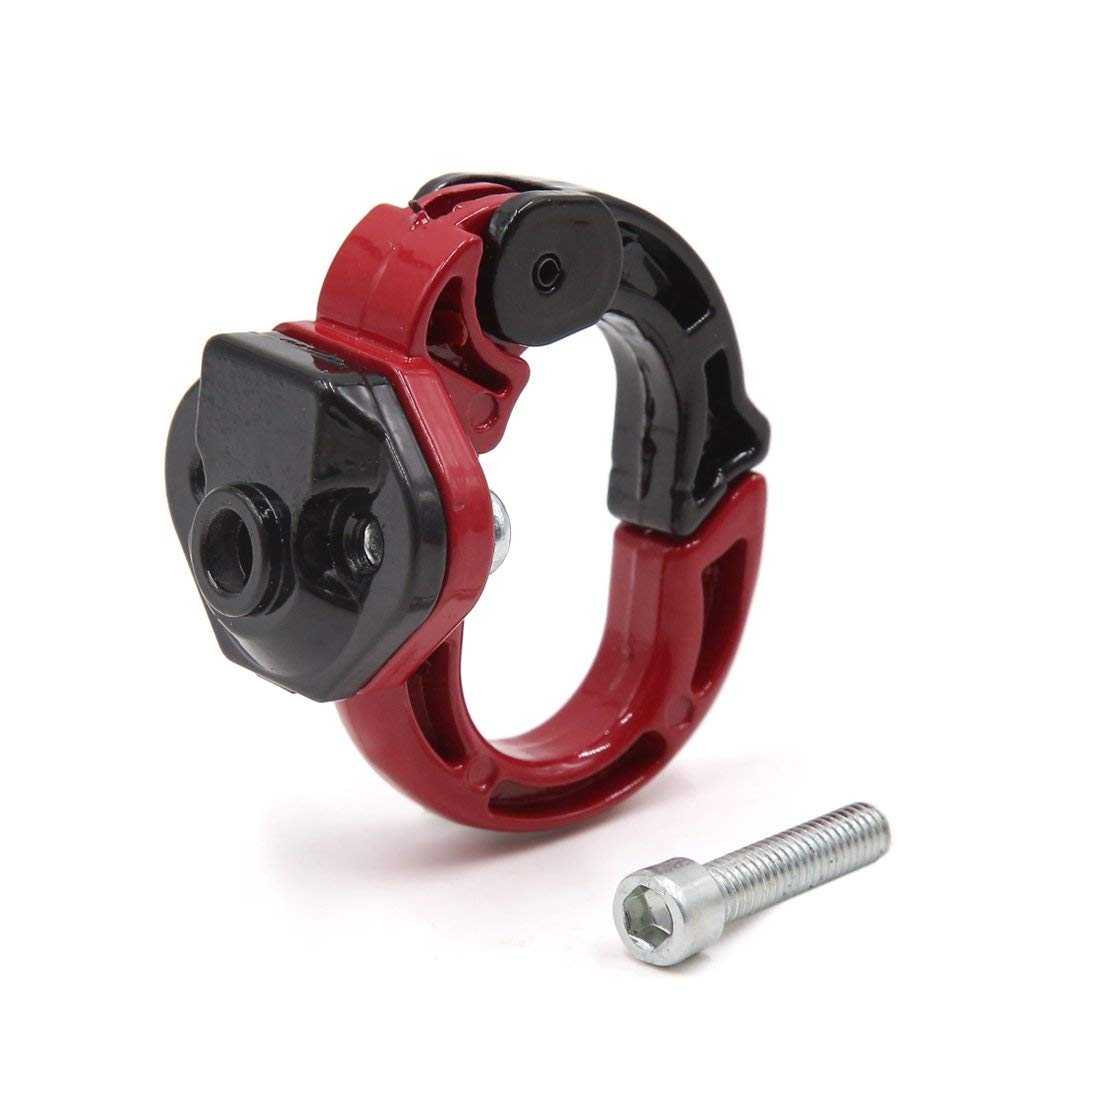 FäHig Uxcell A17030600ux0075 Universal Schwarz Rot Metall Gepäck Einkaufstasche Halter Haken Für Motorrad Roller Ausgezeichnet Im Kisseneffekt